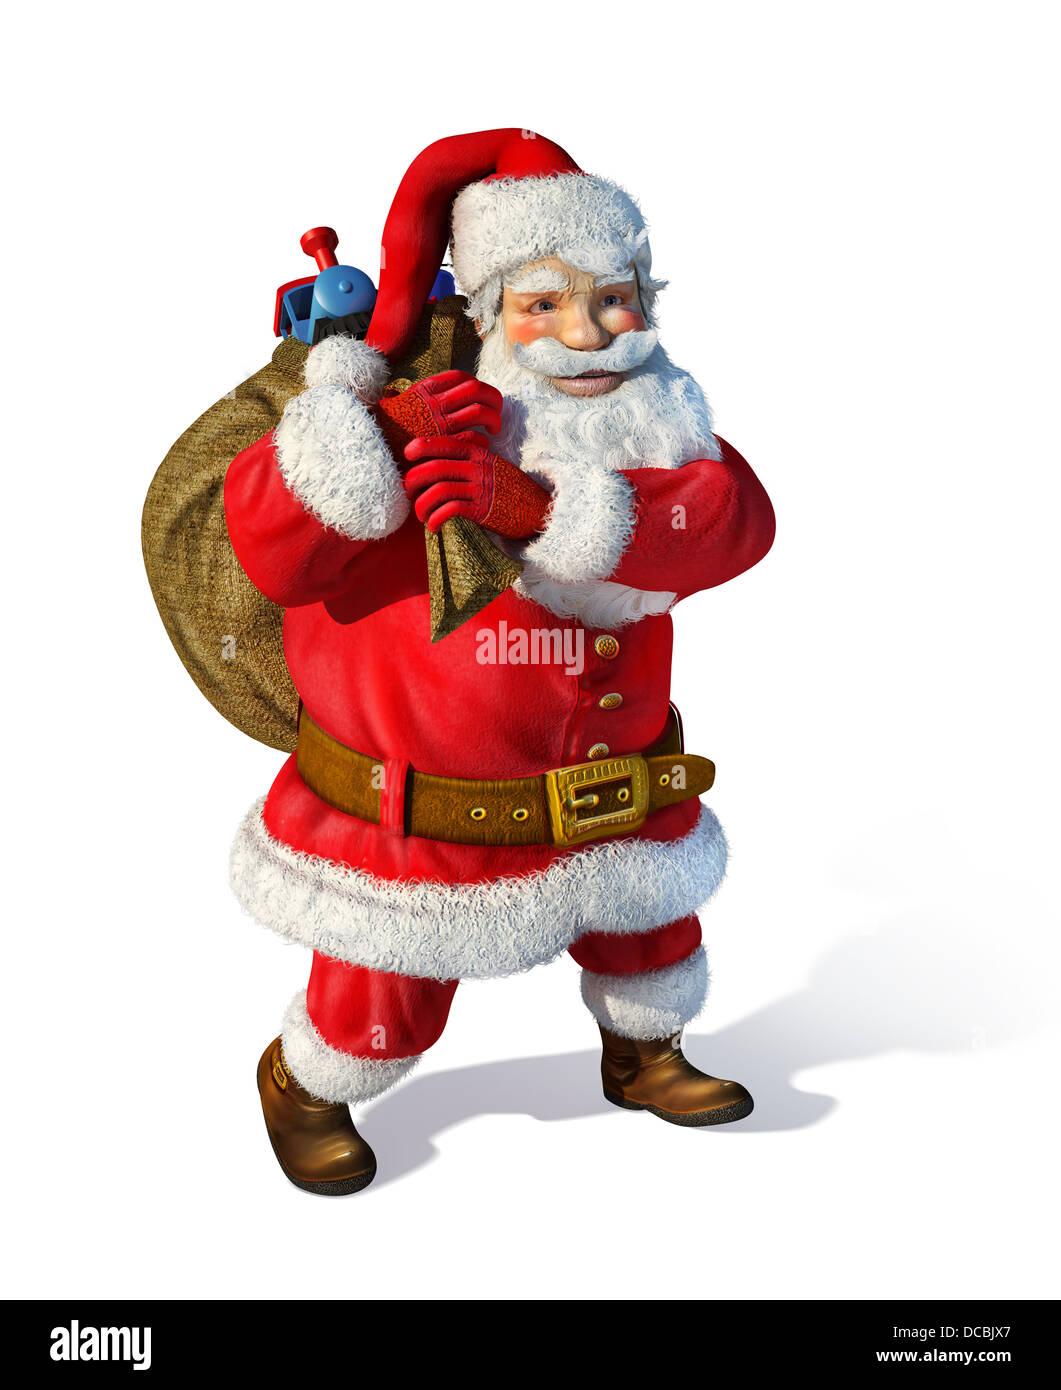 Weihnachtsmann stehend mit Tasche hinter den Schultern mit Spielzeug Insde. Auf weißem Hintergrund. Stockbild